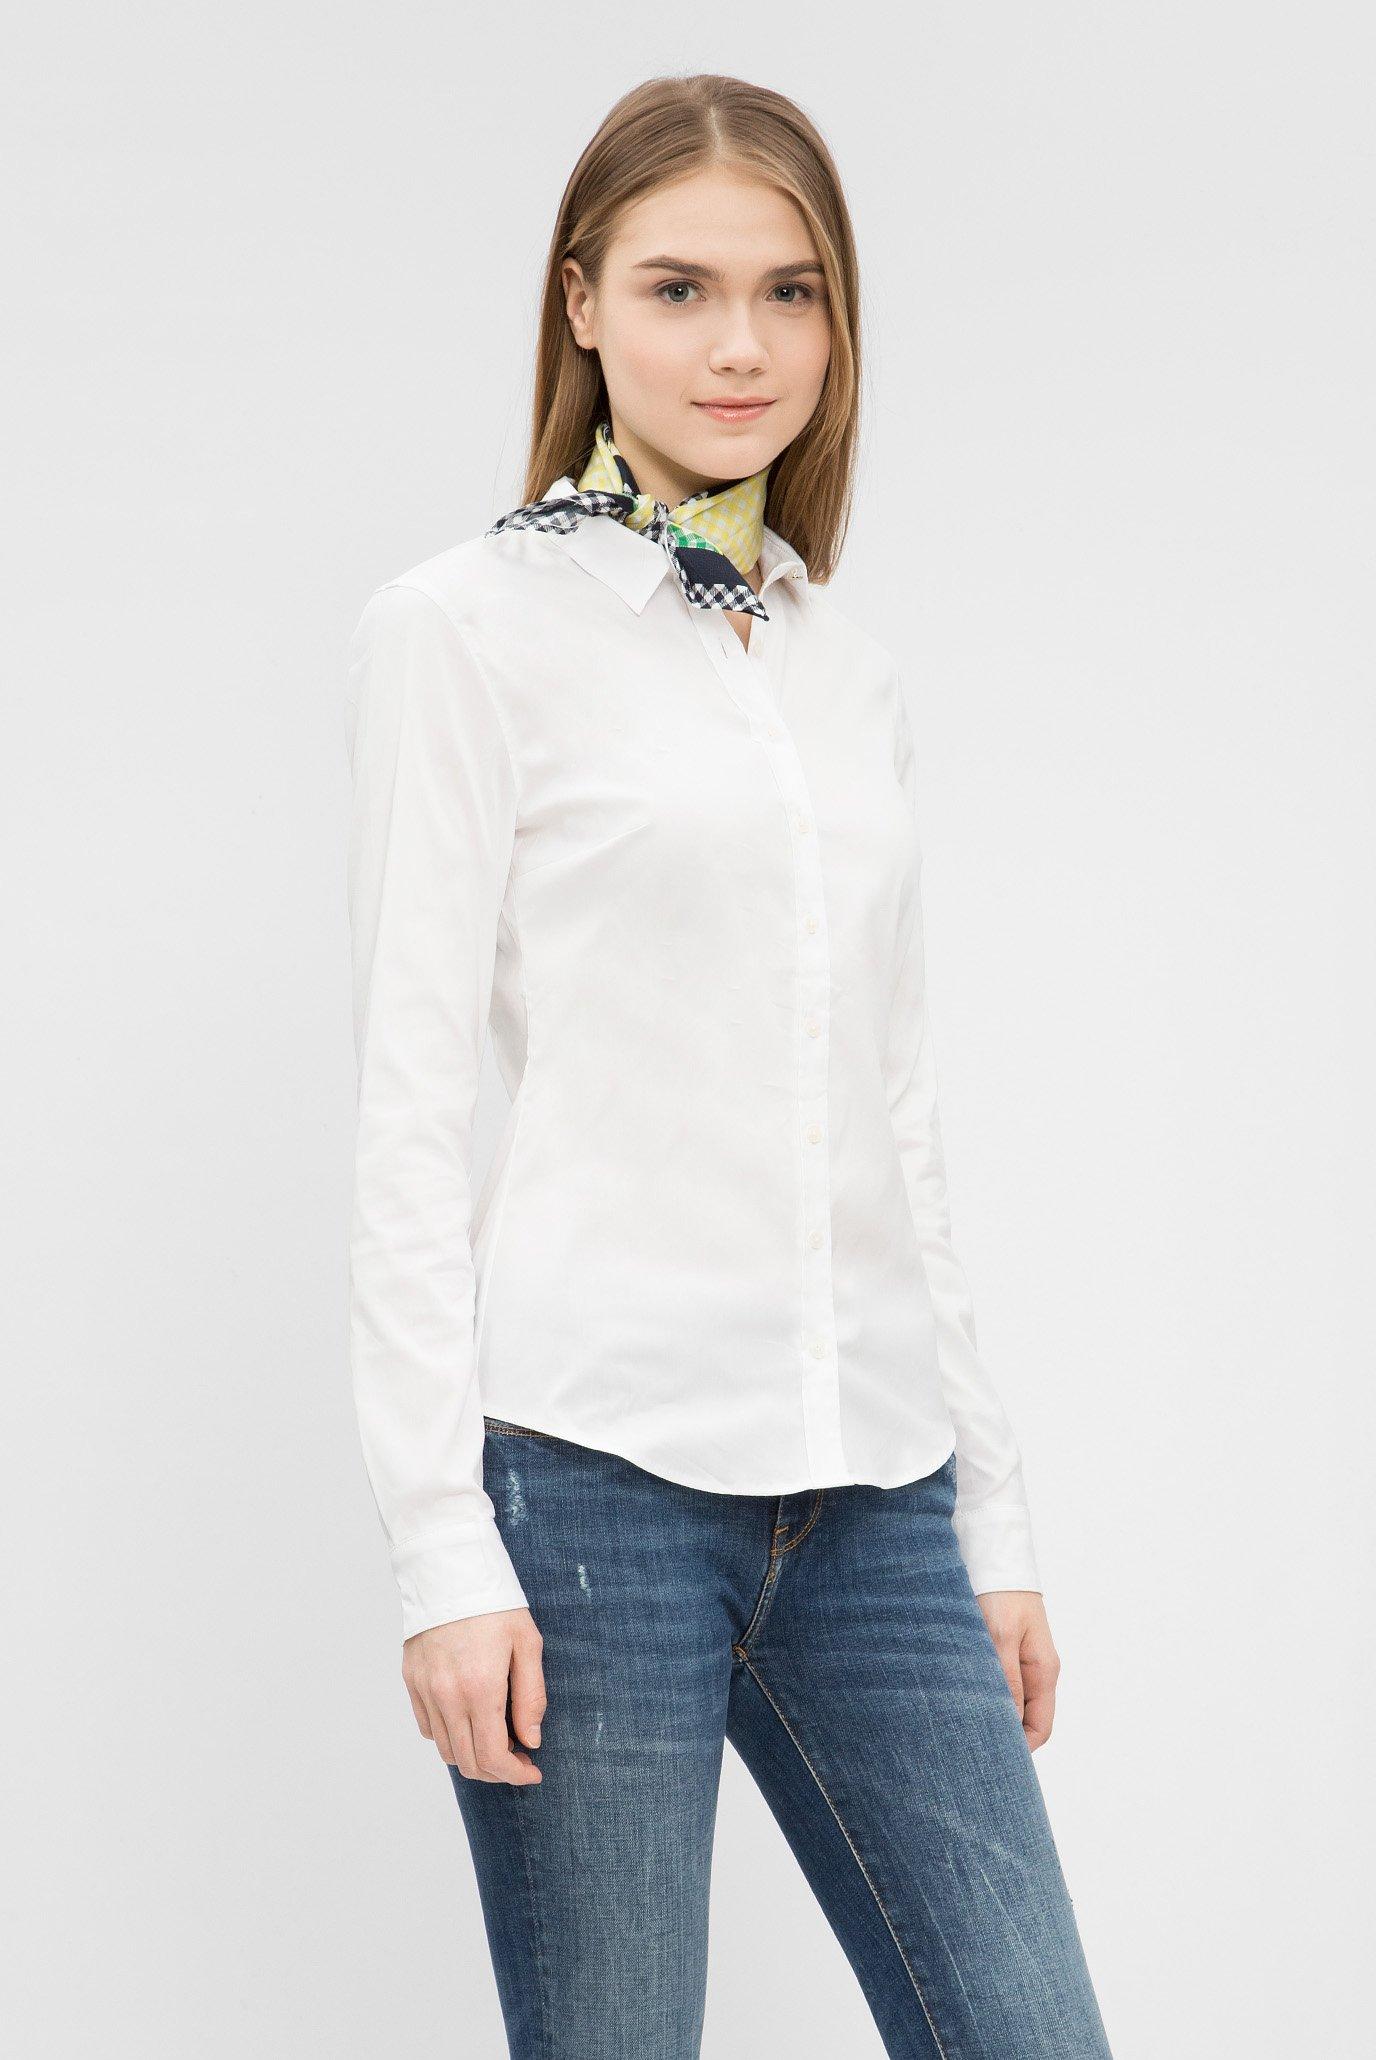 Купить Женская белая рубашка  Tommy Hilfiger Tommy Hilfiger WW0WW22062 – Киев, Украина. Цены в интернет магазине MD Fashion